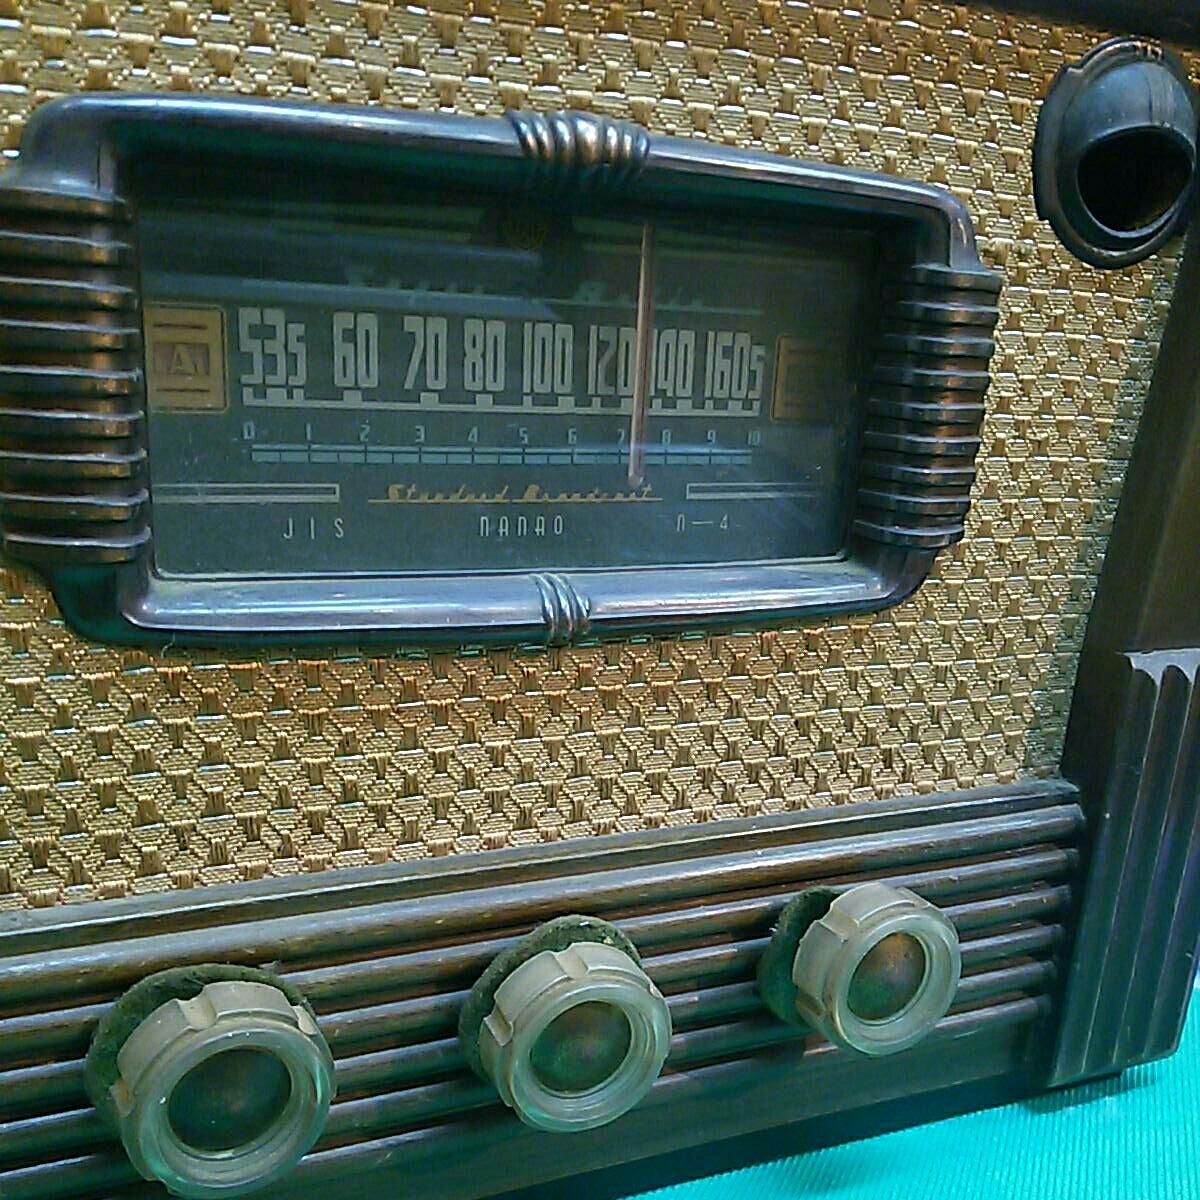 ナショナル 真空管 ラジオ ラヂオ 8F-32 ダイナミック スピーカー ジャンク TEN なす管 当時物 中古 アンティーク レトロ 部品取り_画像2